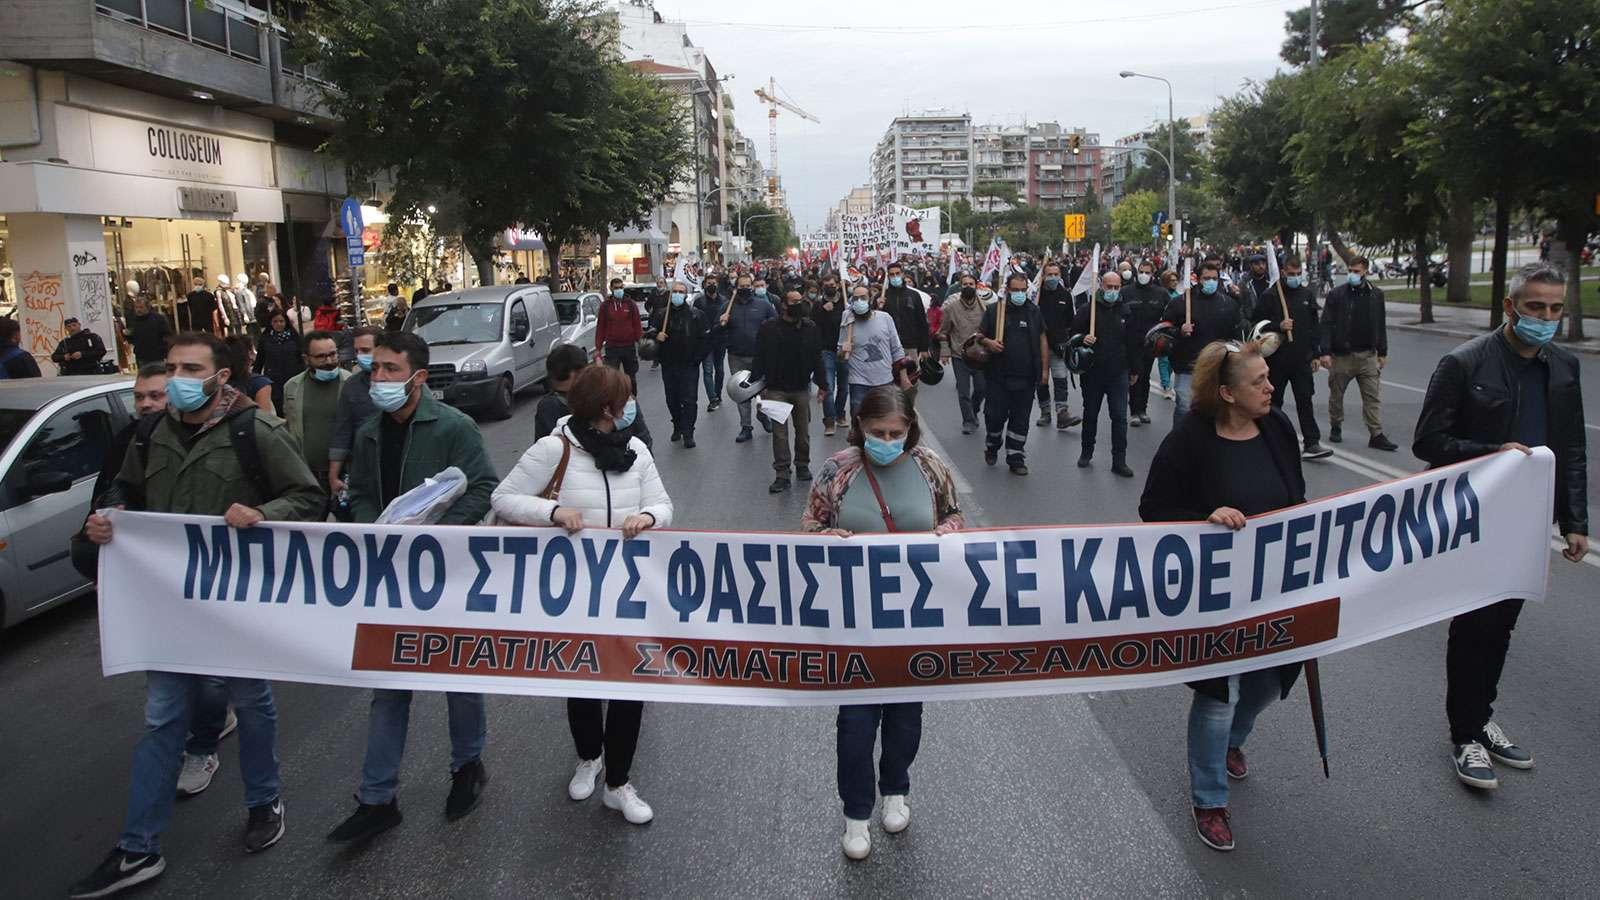 Θεσσαλονίκη «Δεν ξεχνάμε! Το φασισμό και το σύστημα που τον γεννά πολεμάμε!»